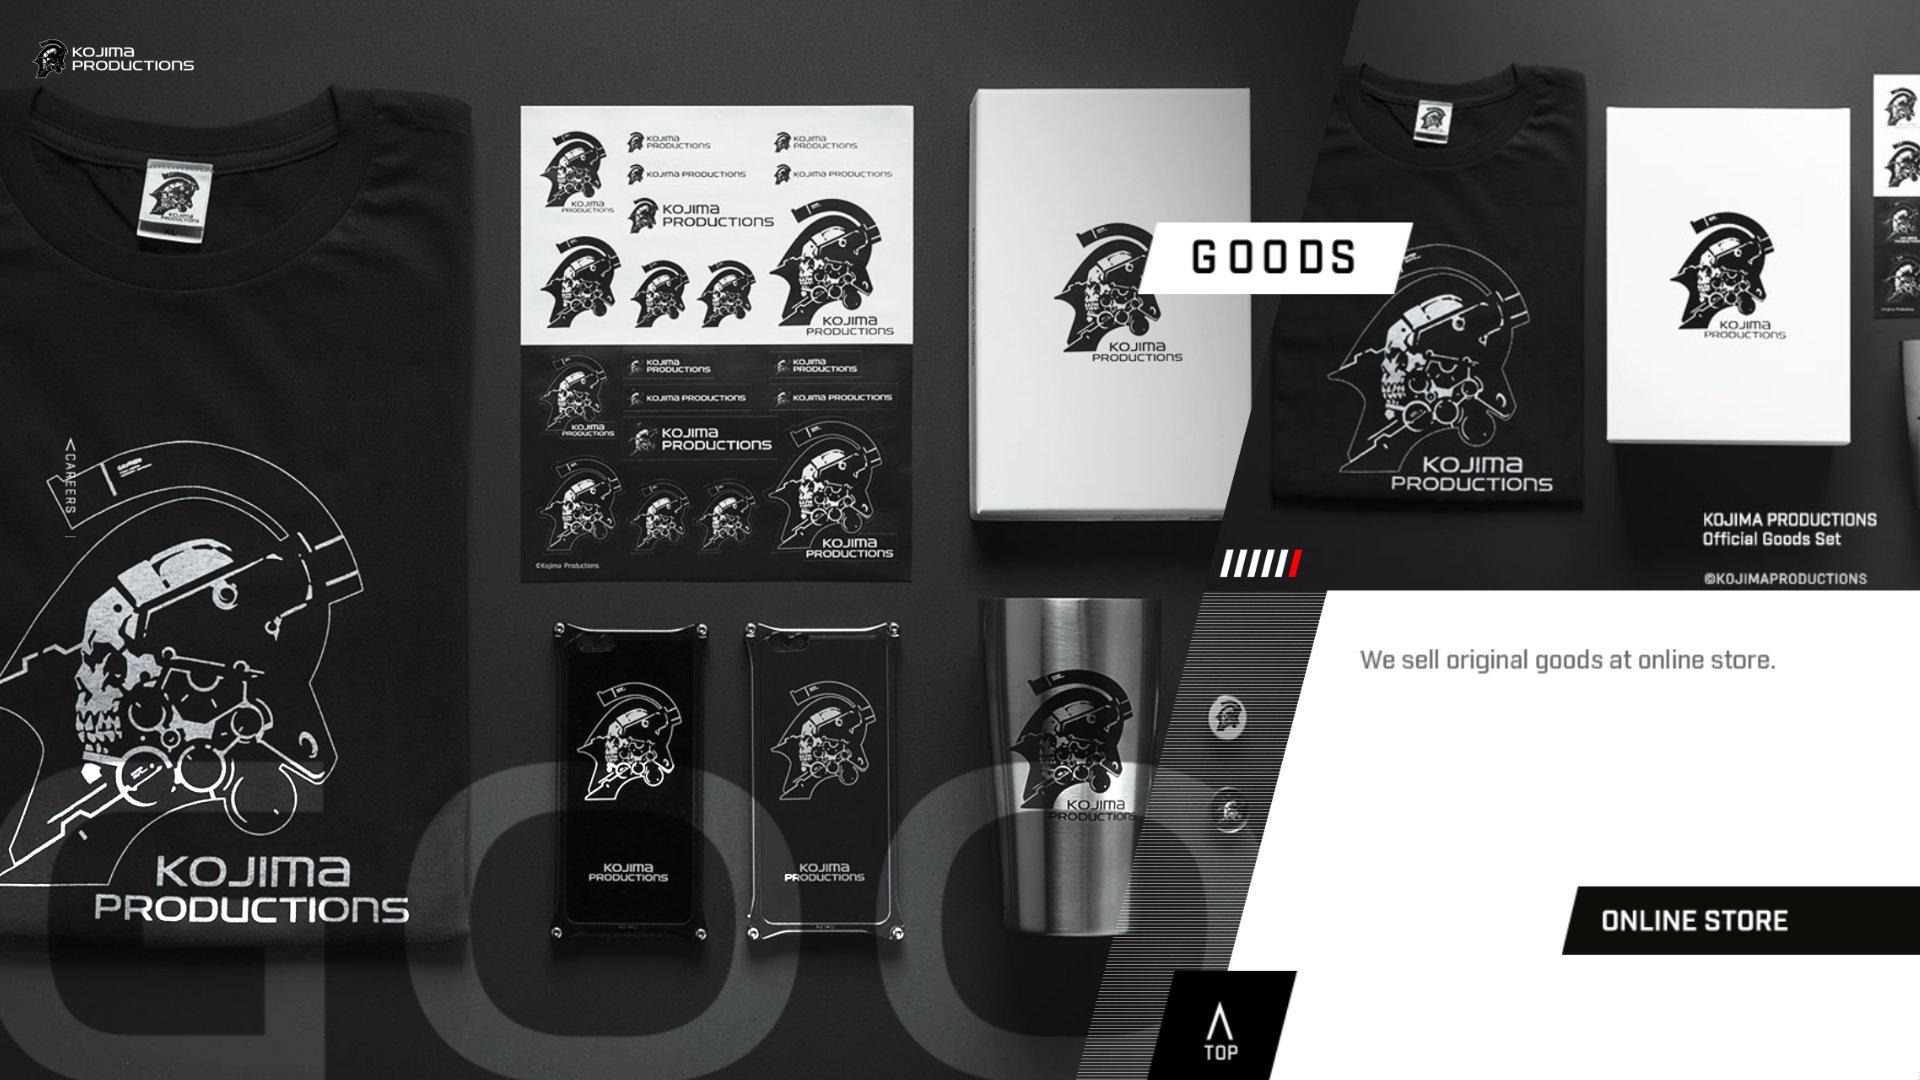 Quelle: Kojima Productions - Online Store: Goods